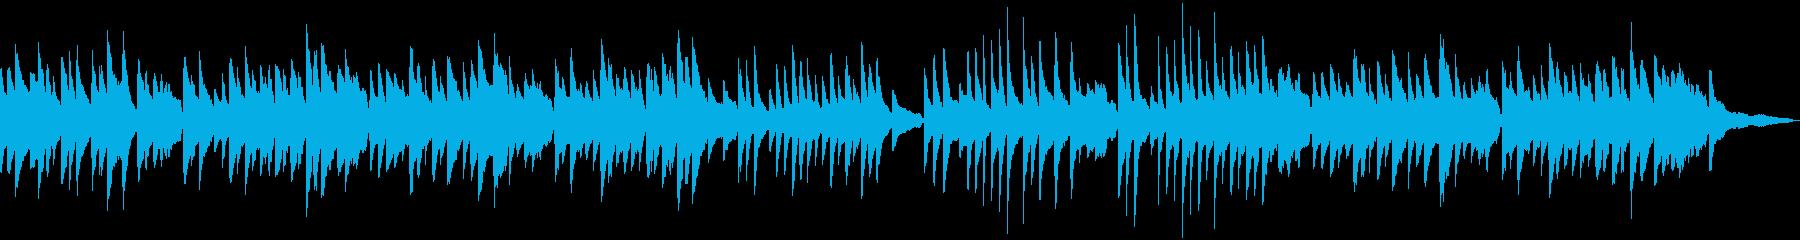 童謡「赤とんぼ」のソロピアノの再生済みの波形